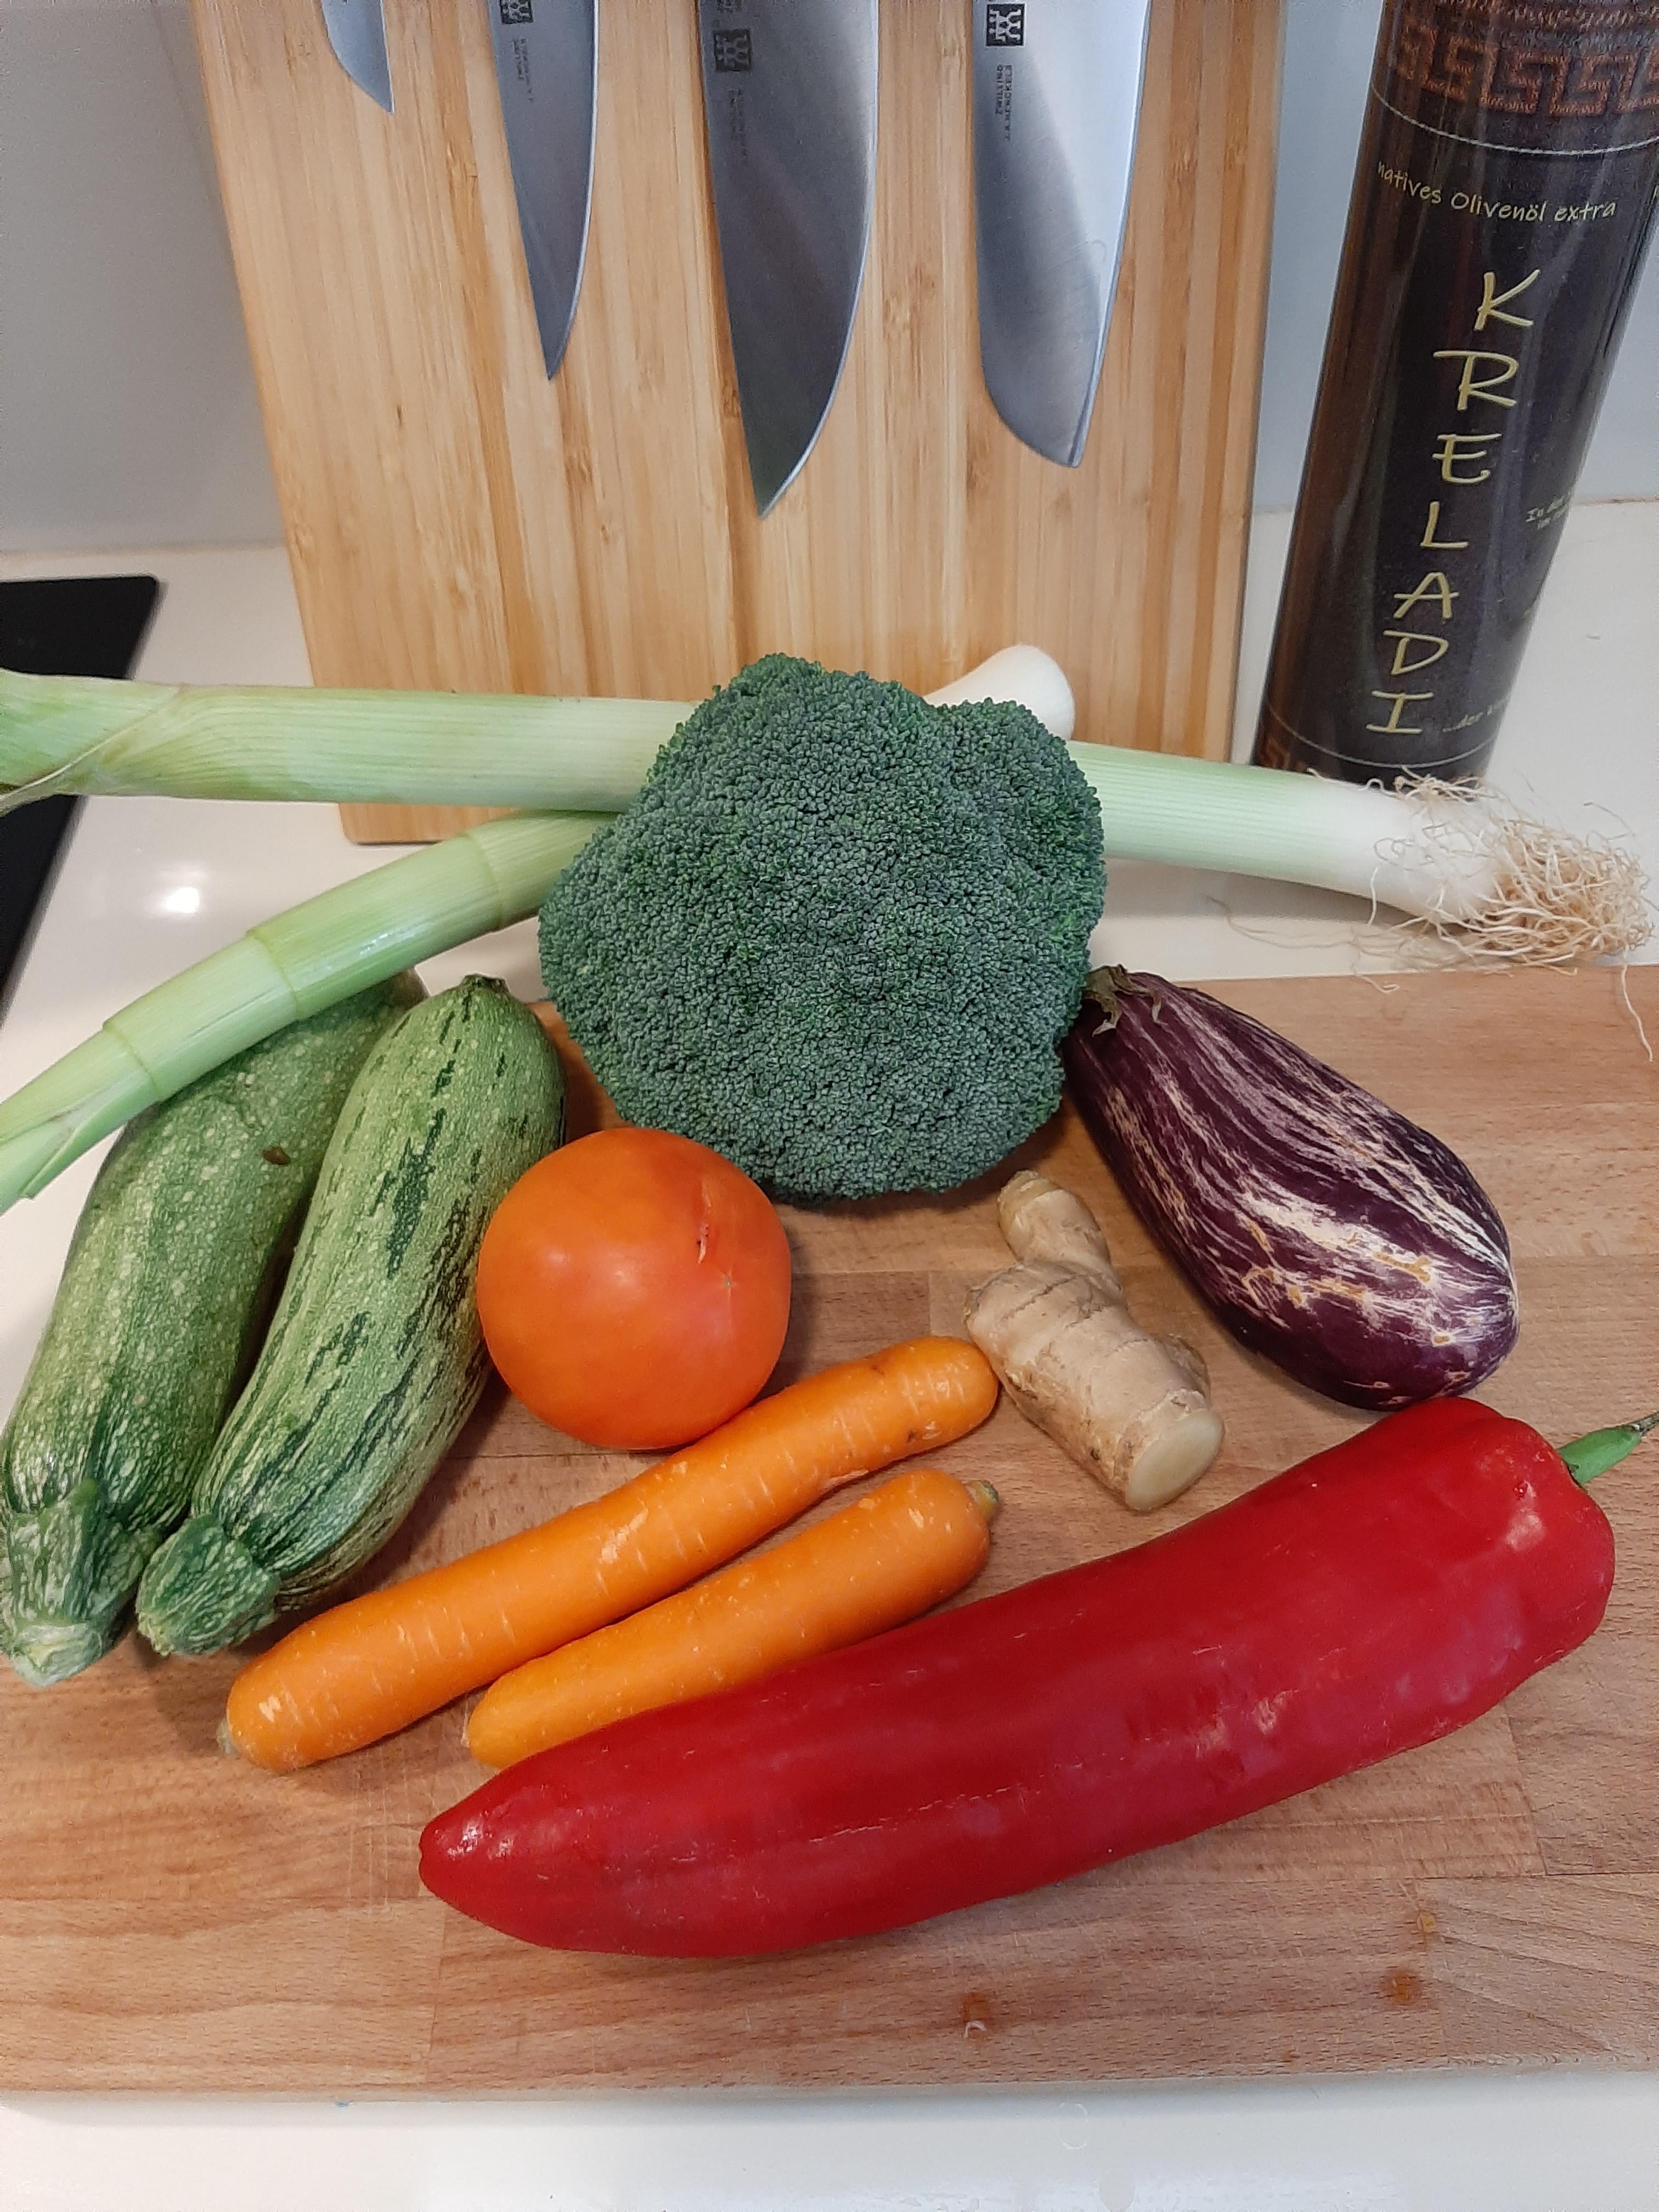 Gemüse - so einfach kann lecker sein